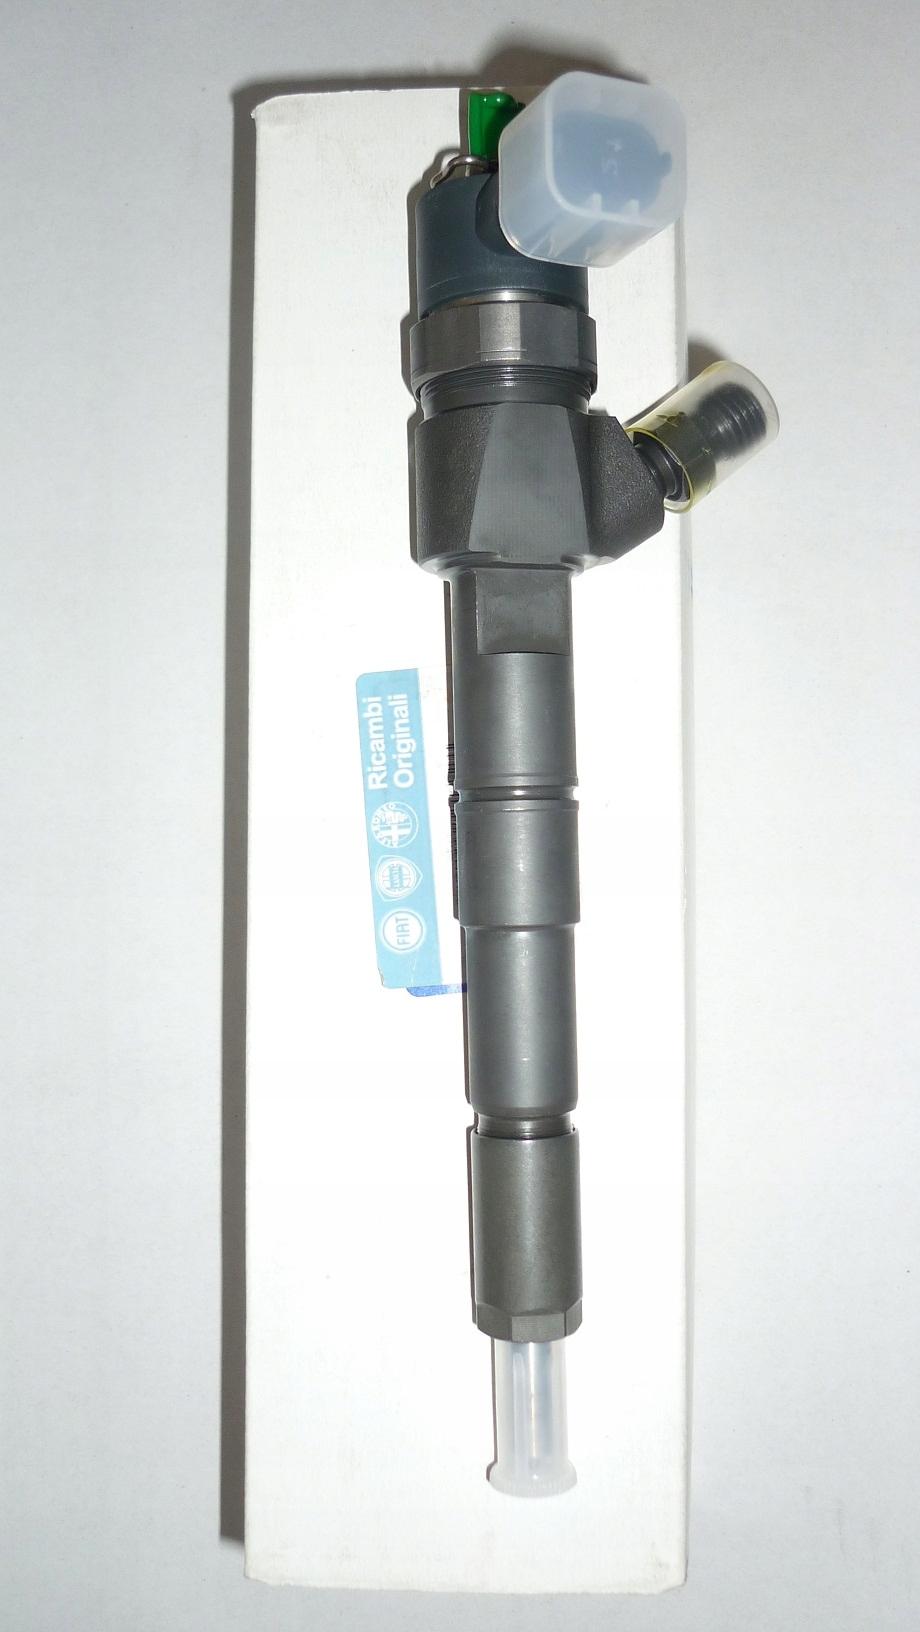 инжектор альфа 159 166 croma 24 0 445 110 213